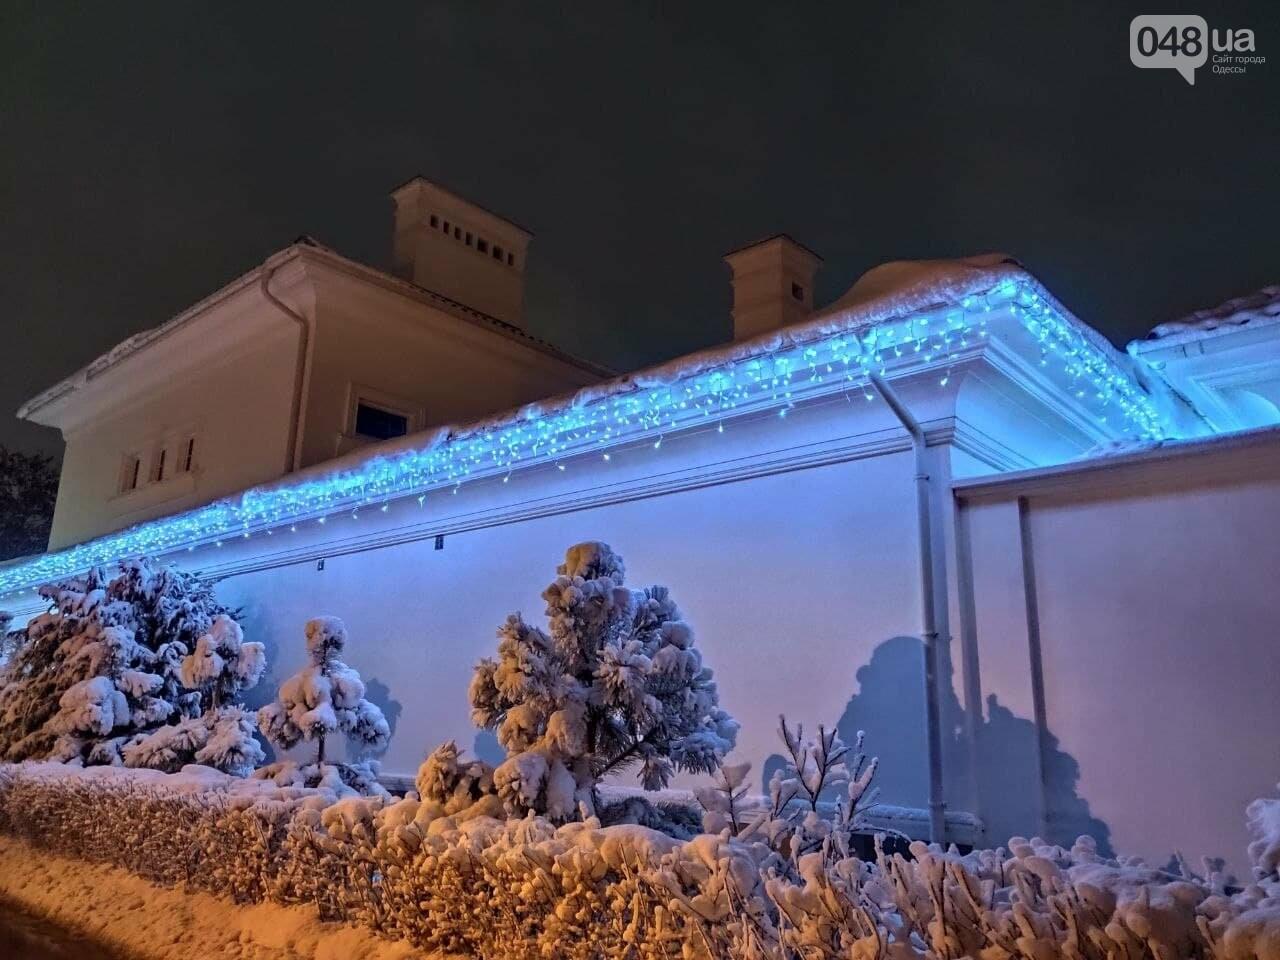 Зимняя сказка на одесской Рублевке: как выглядит Совиньон в снегу, - ФОТОРЕПОРТАЖ, фото-14